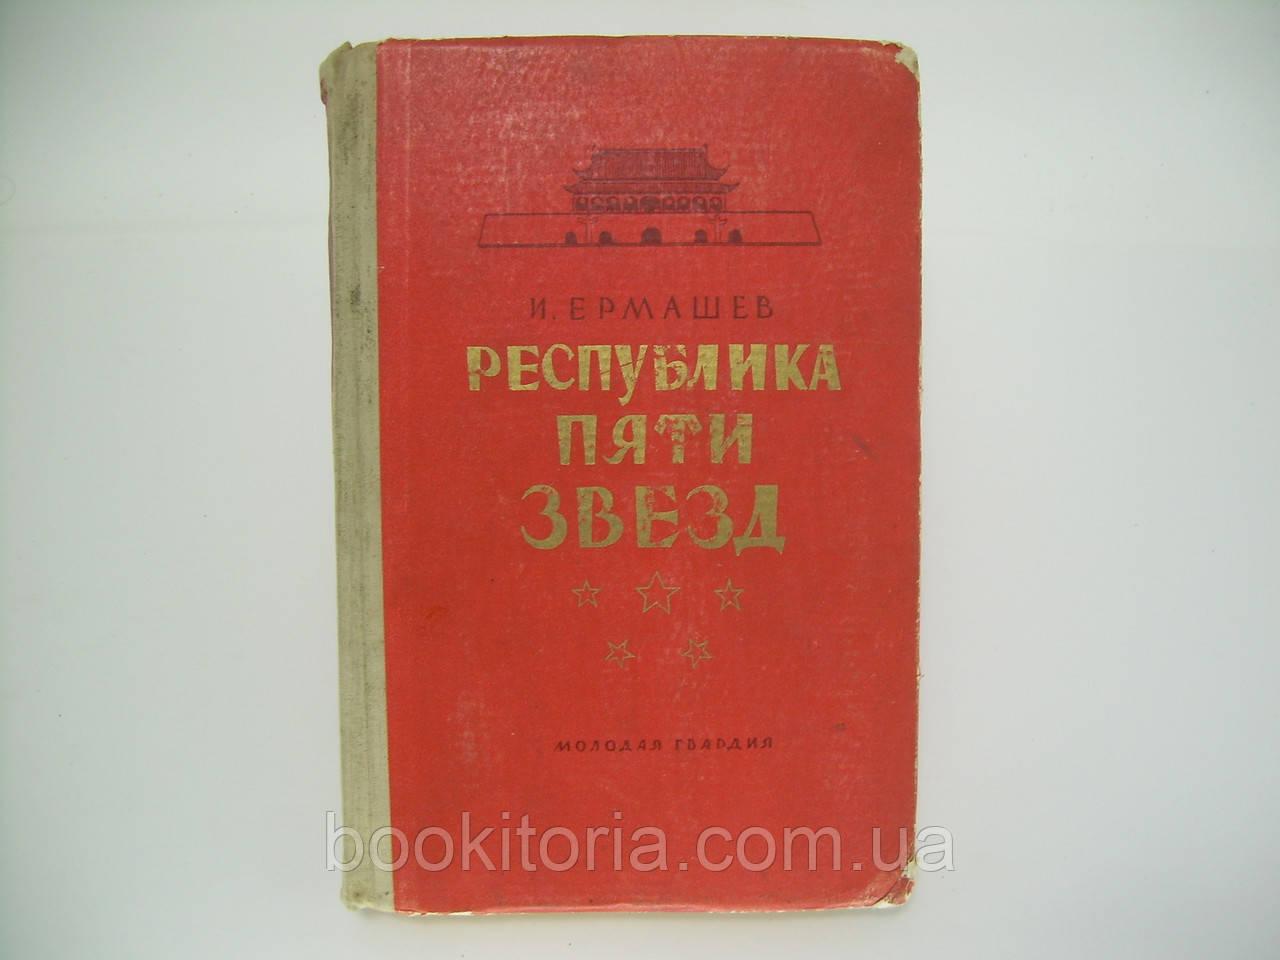 Ермашев И. Республика пяти звезд (б/у).